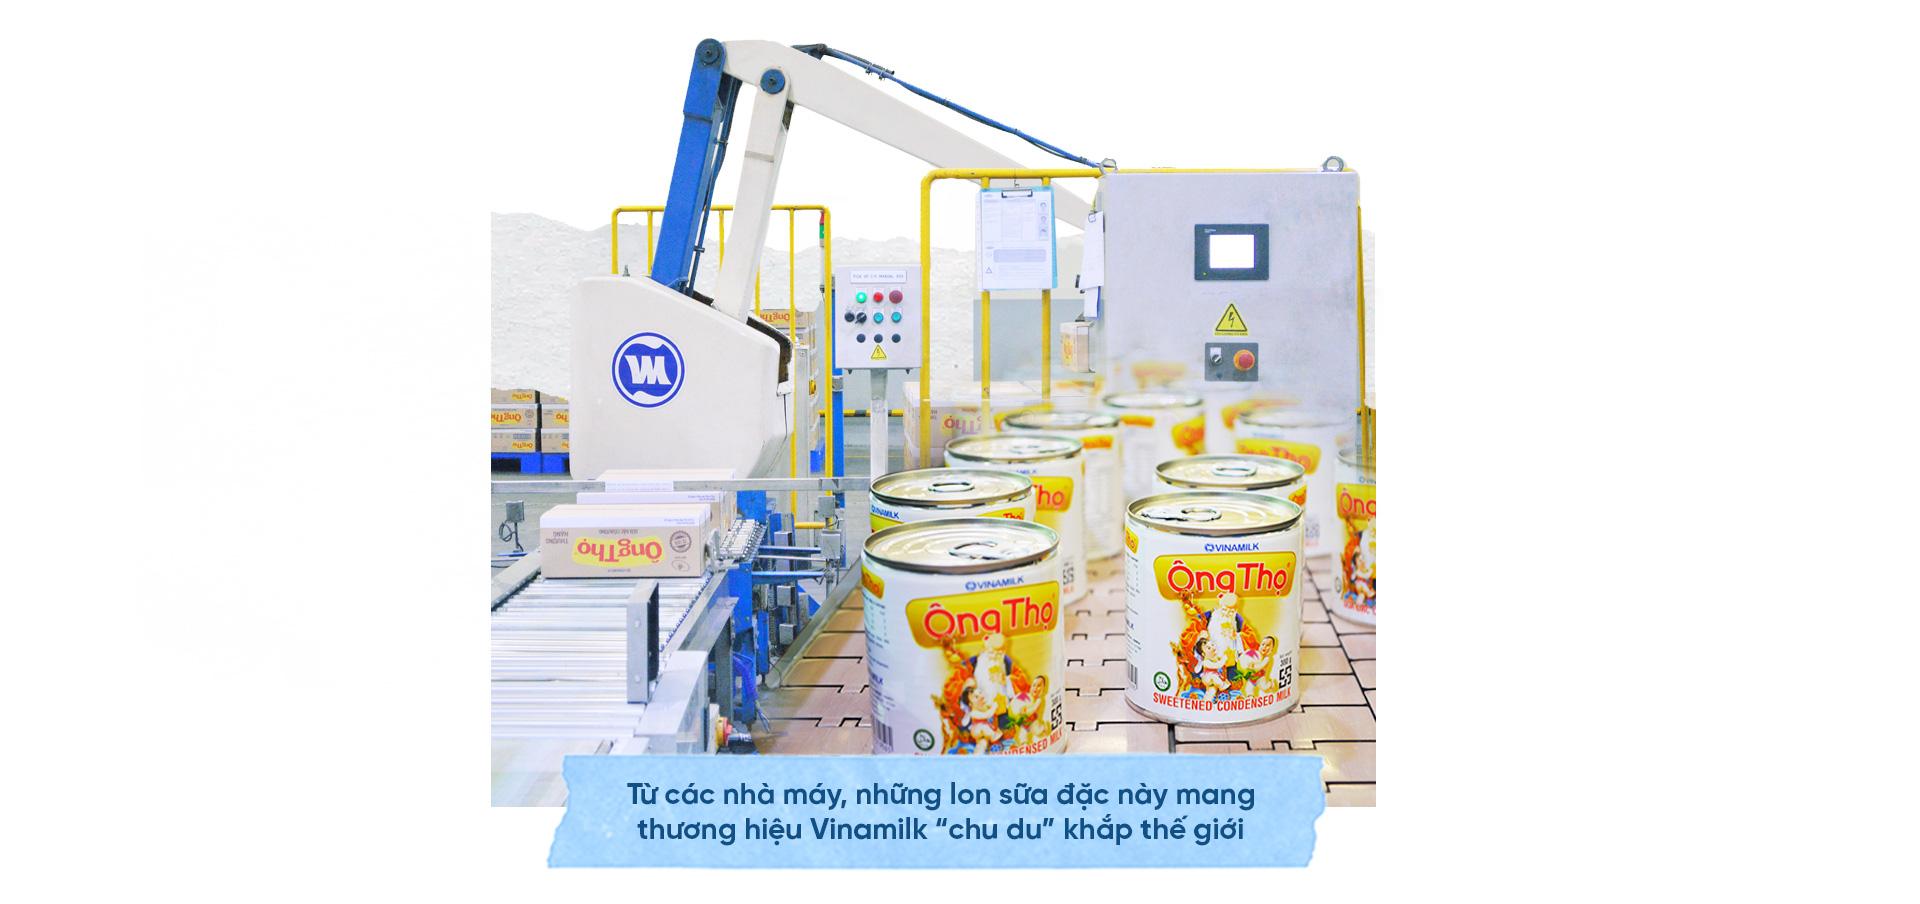 Vinamilk: Dấu son sữa Việt trên đấu trường quốc tế - Ảnh 5.